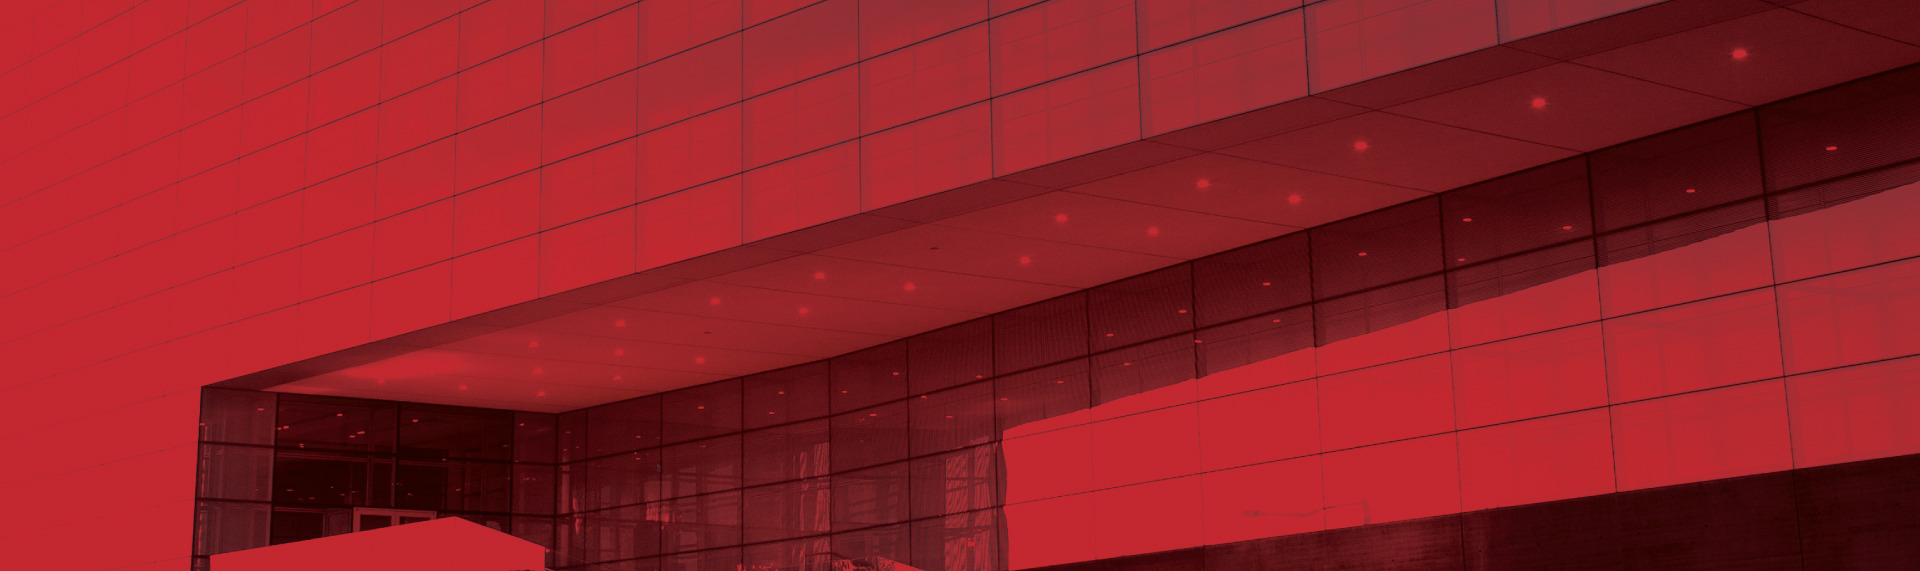 Ingénieur - génie conseil - Firme d'ingénierie en bâtiment Fusion Expert Conseils